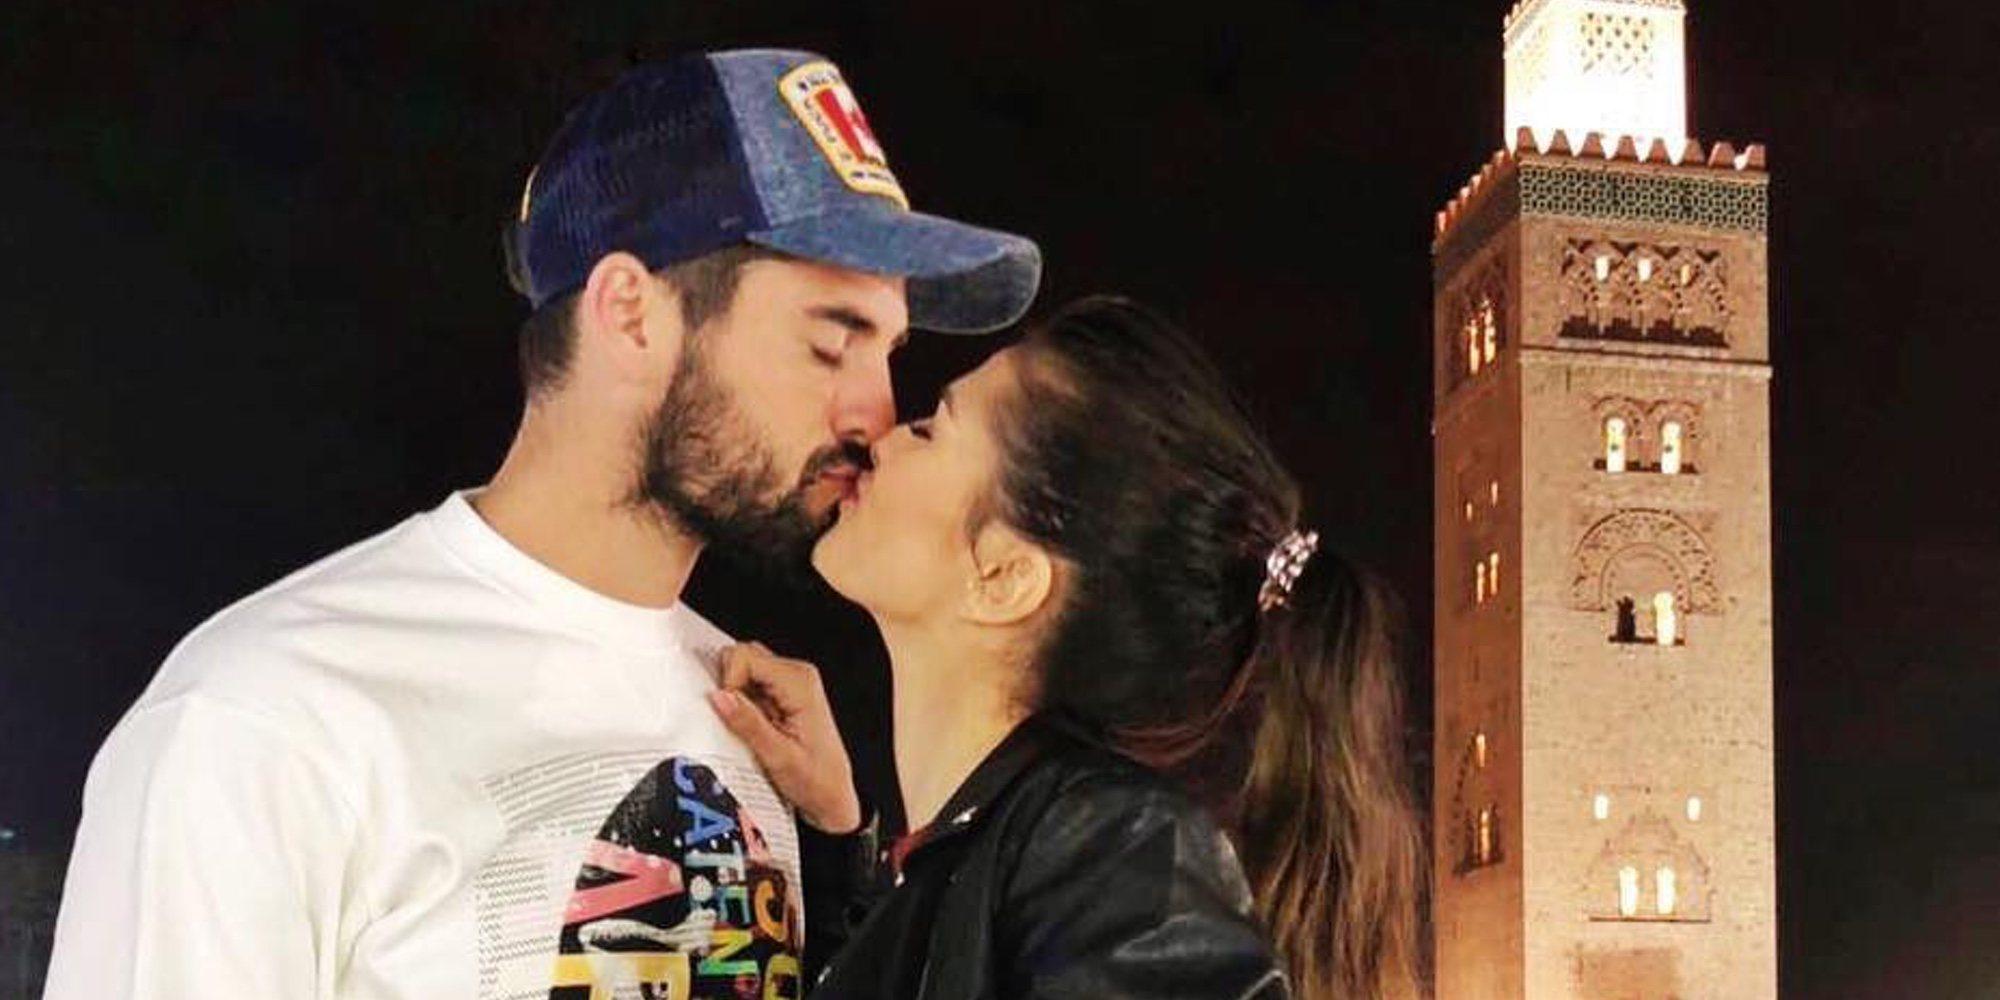 La escapada más exótica y romántica de Isco Alarcón y Sara Sálamo a Marrakech